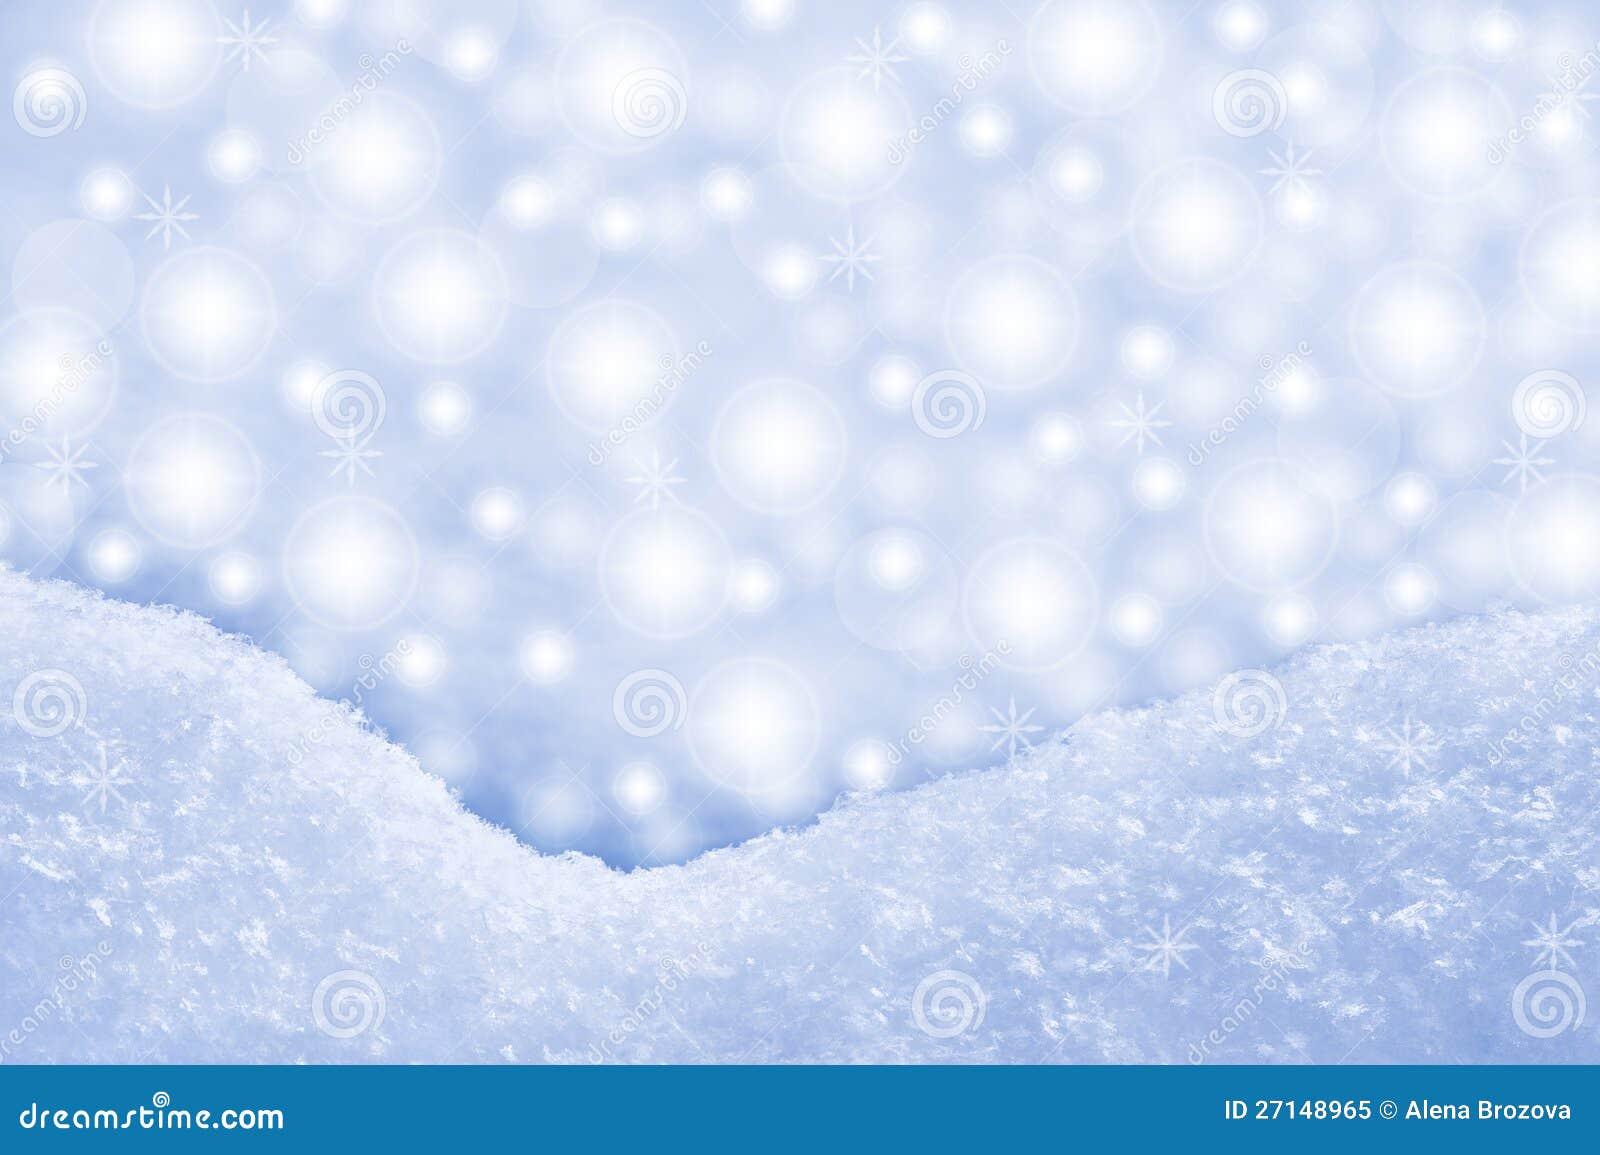 Detalhe de snowdrift e de fundo sparkling